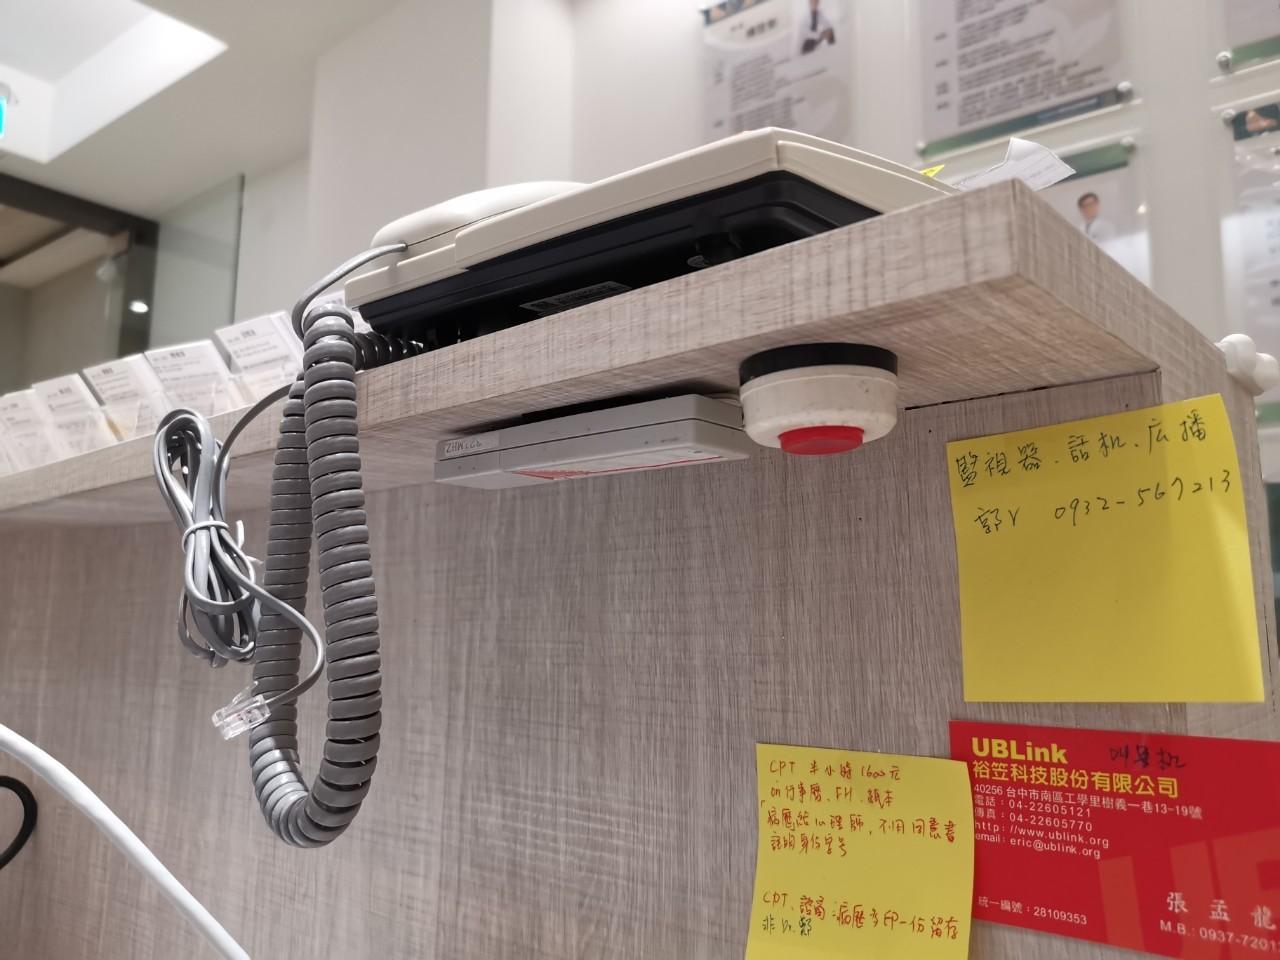 LINE ALBUM 110 0902中科好晴天診所警局連線開通 210902 2